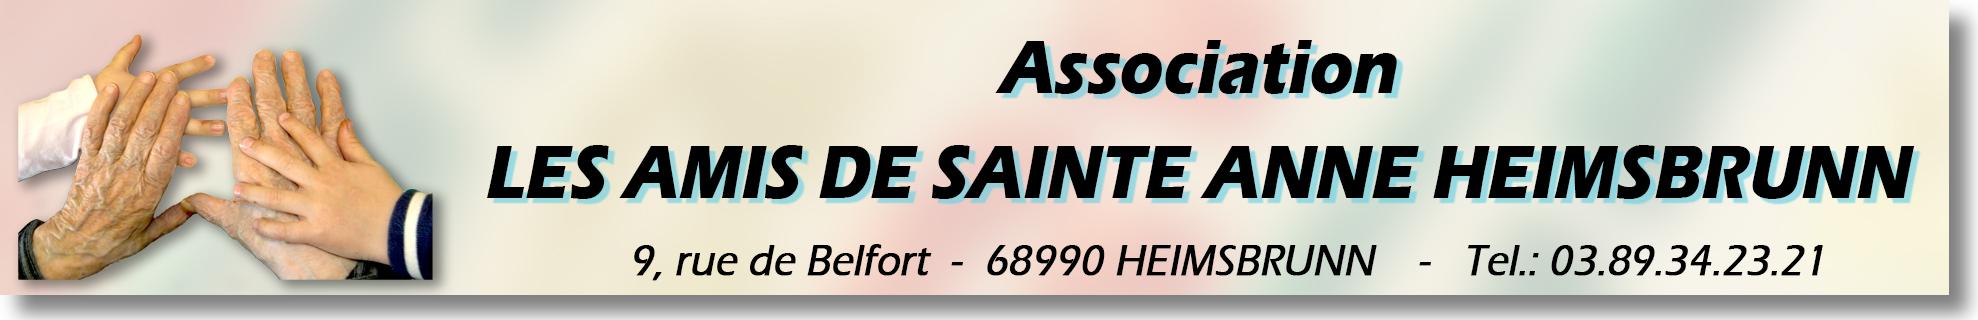 Logo-Amis de Sainte Anne.jpg